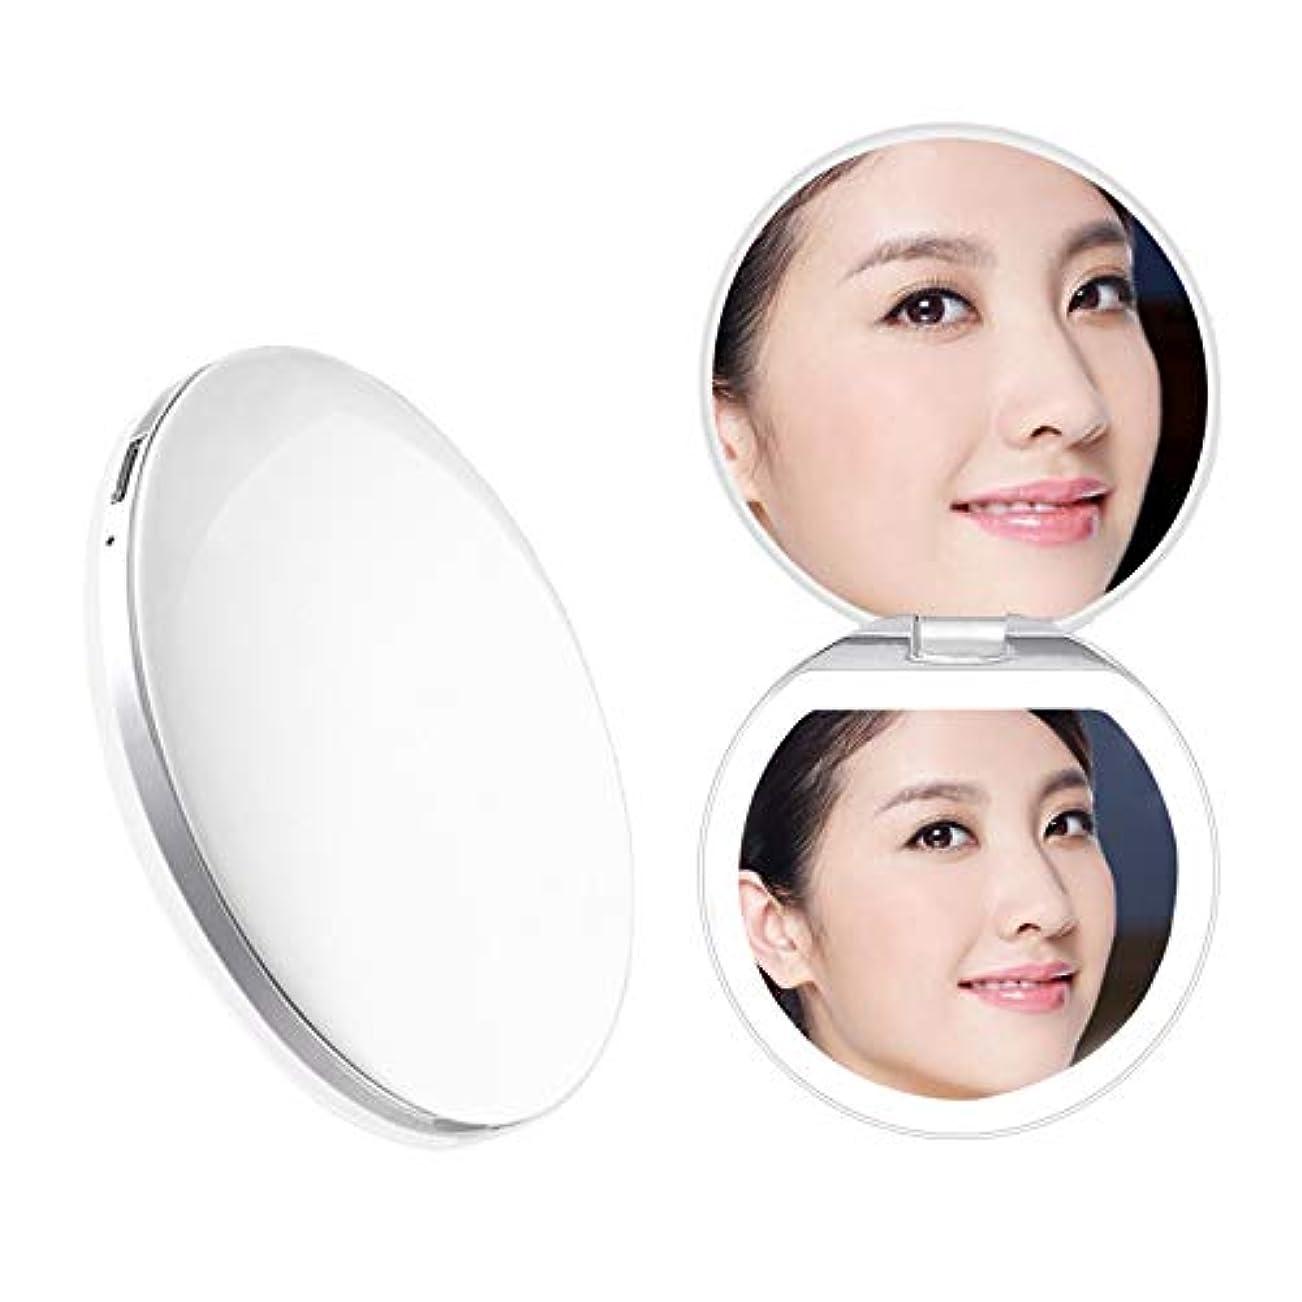 思い出す大理石受粉者Heartyfly 携帯ミラー 鏡 LED手鏡  二面鏡 折り畳み式化粧鏡 メイクアップミラー usb充電 3倍拡大 持ちやすい 便利 (ピンク)